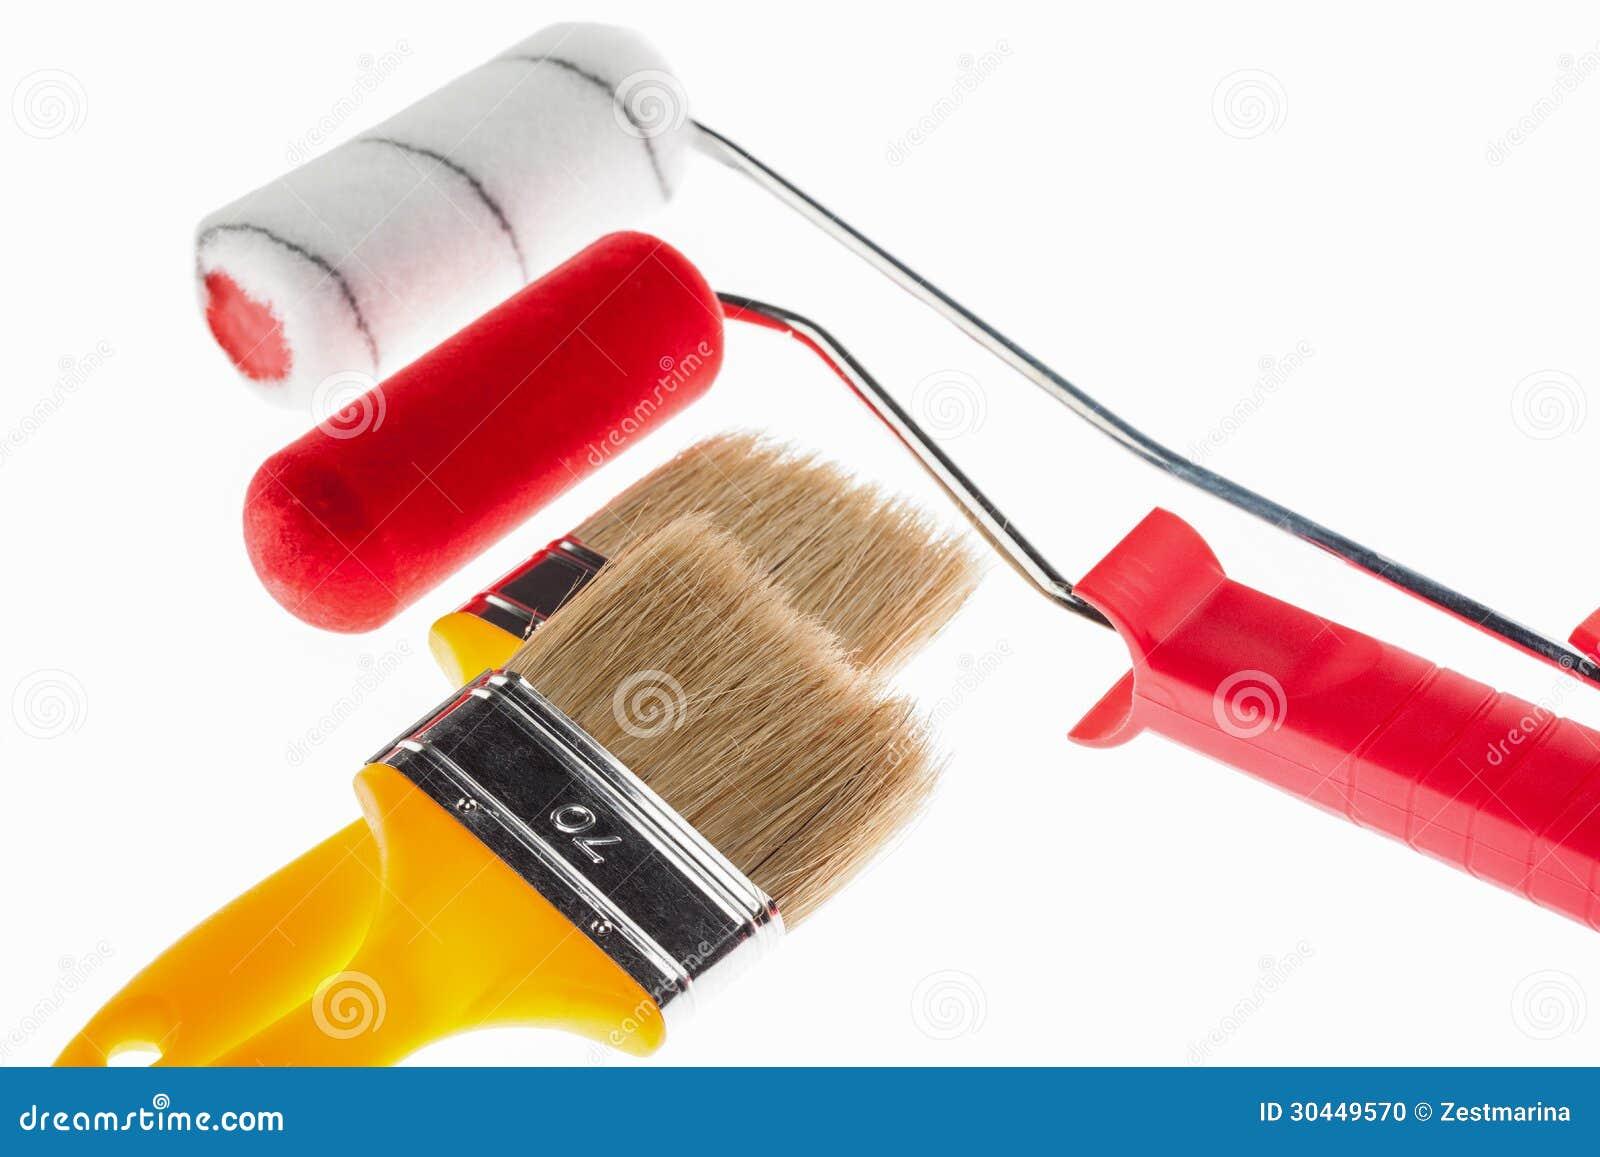 Brochas de la construcci n y rodillos de pintura foto de archivo imagen de horizontal - Brochas pintura ...